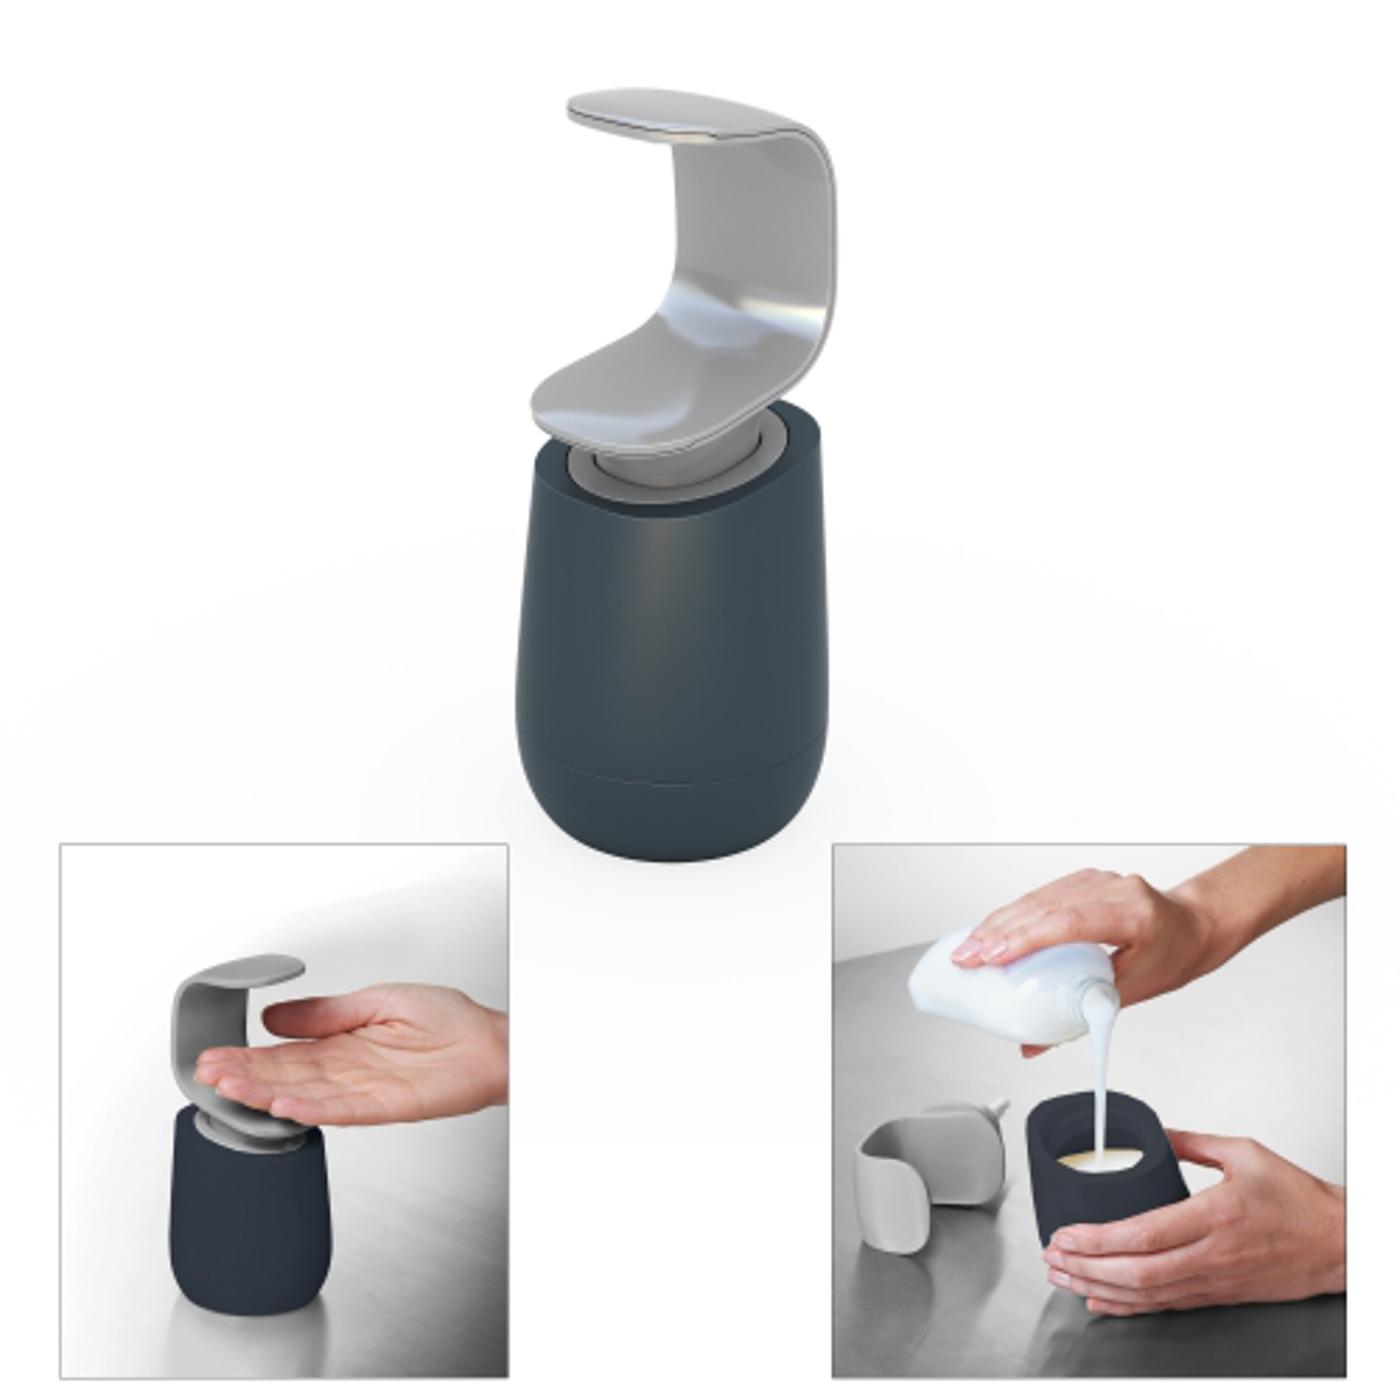 Диспенсер для рідкого мила: 60+ дизайнерських і класичних варіантів для ванної кімнати